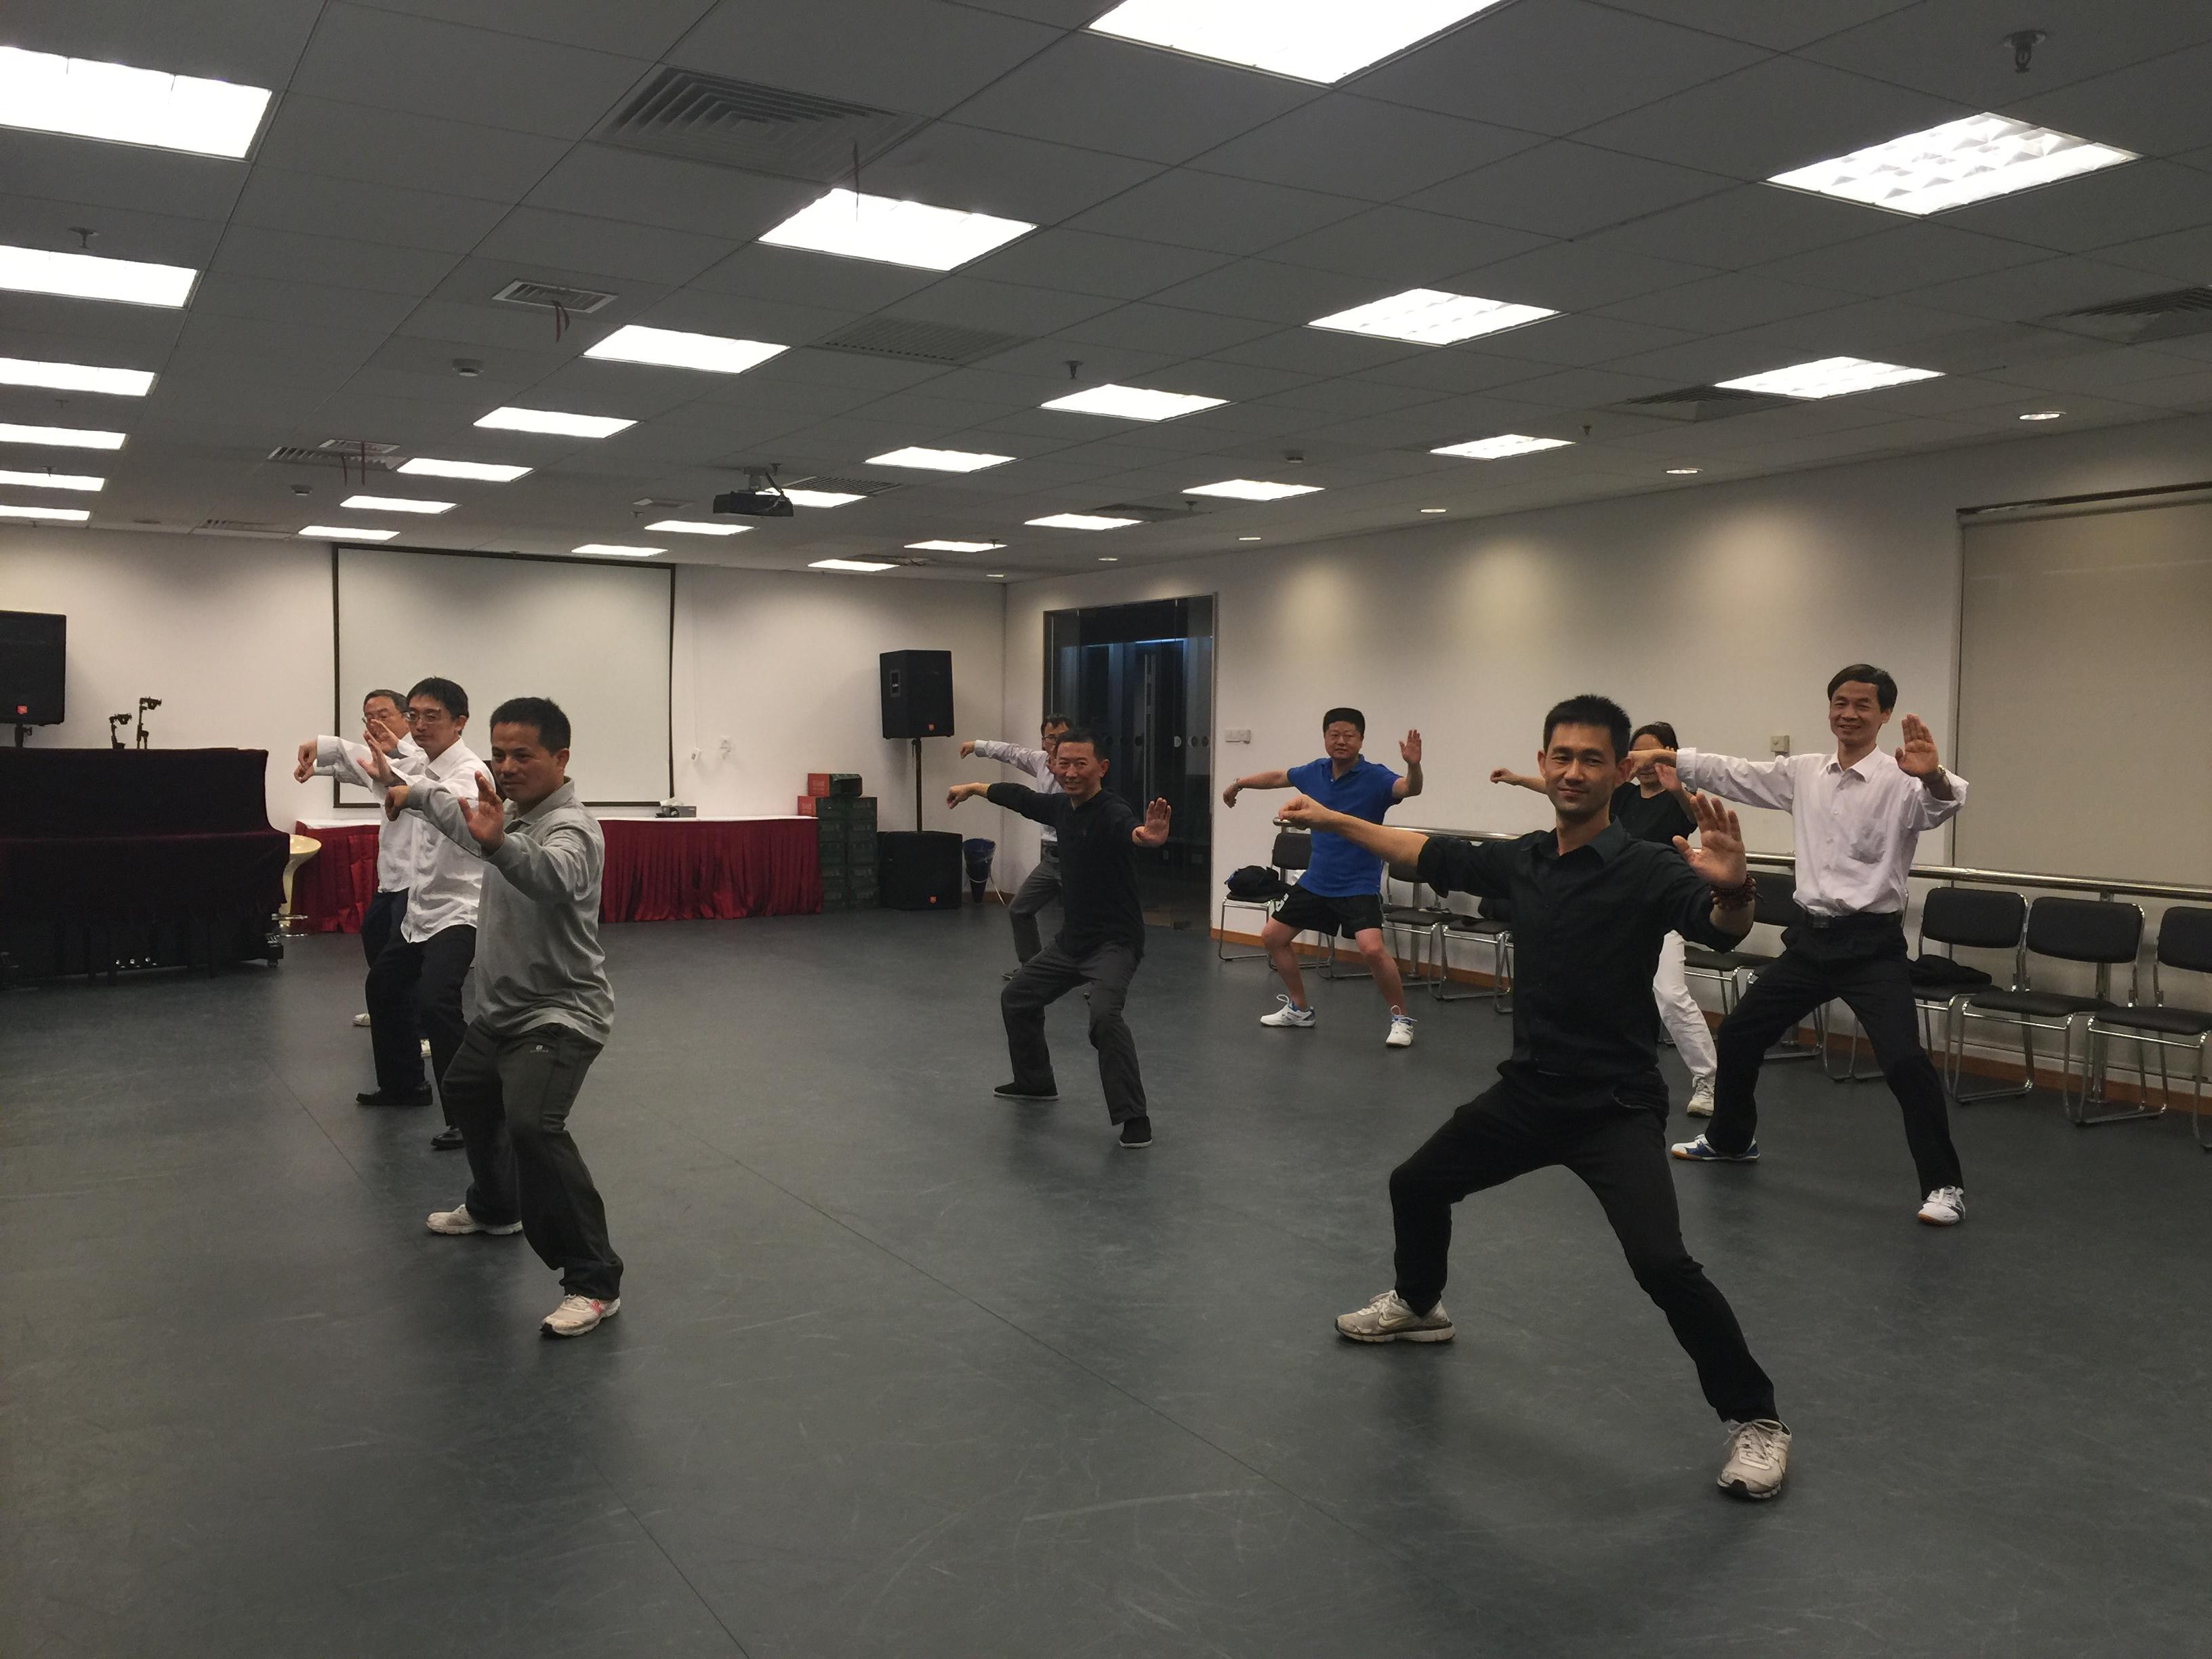 上海公司企业团体太极拳气功瑜伽健身课